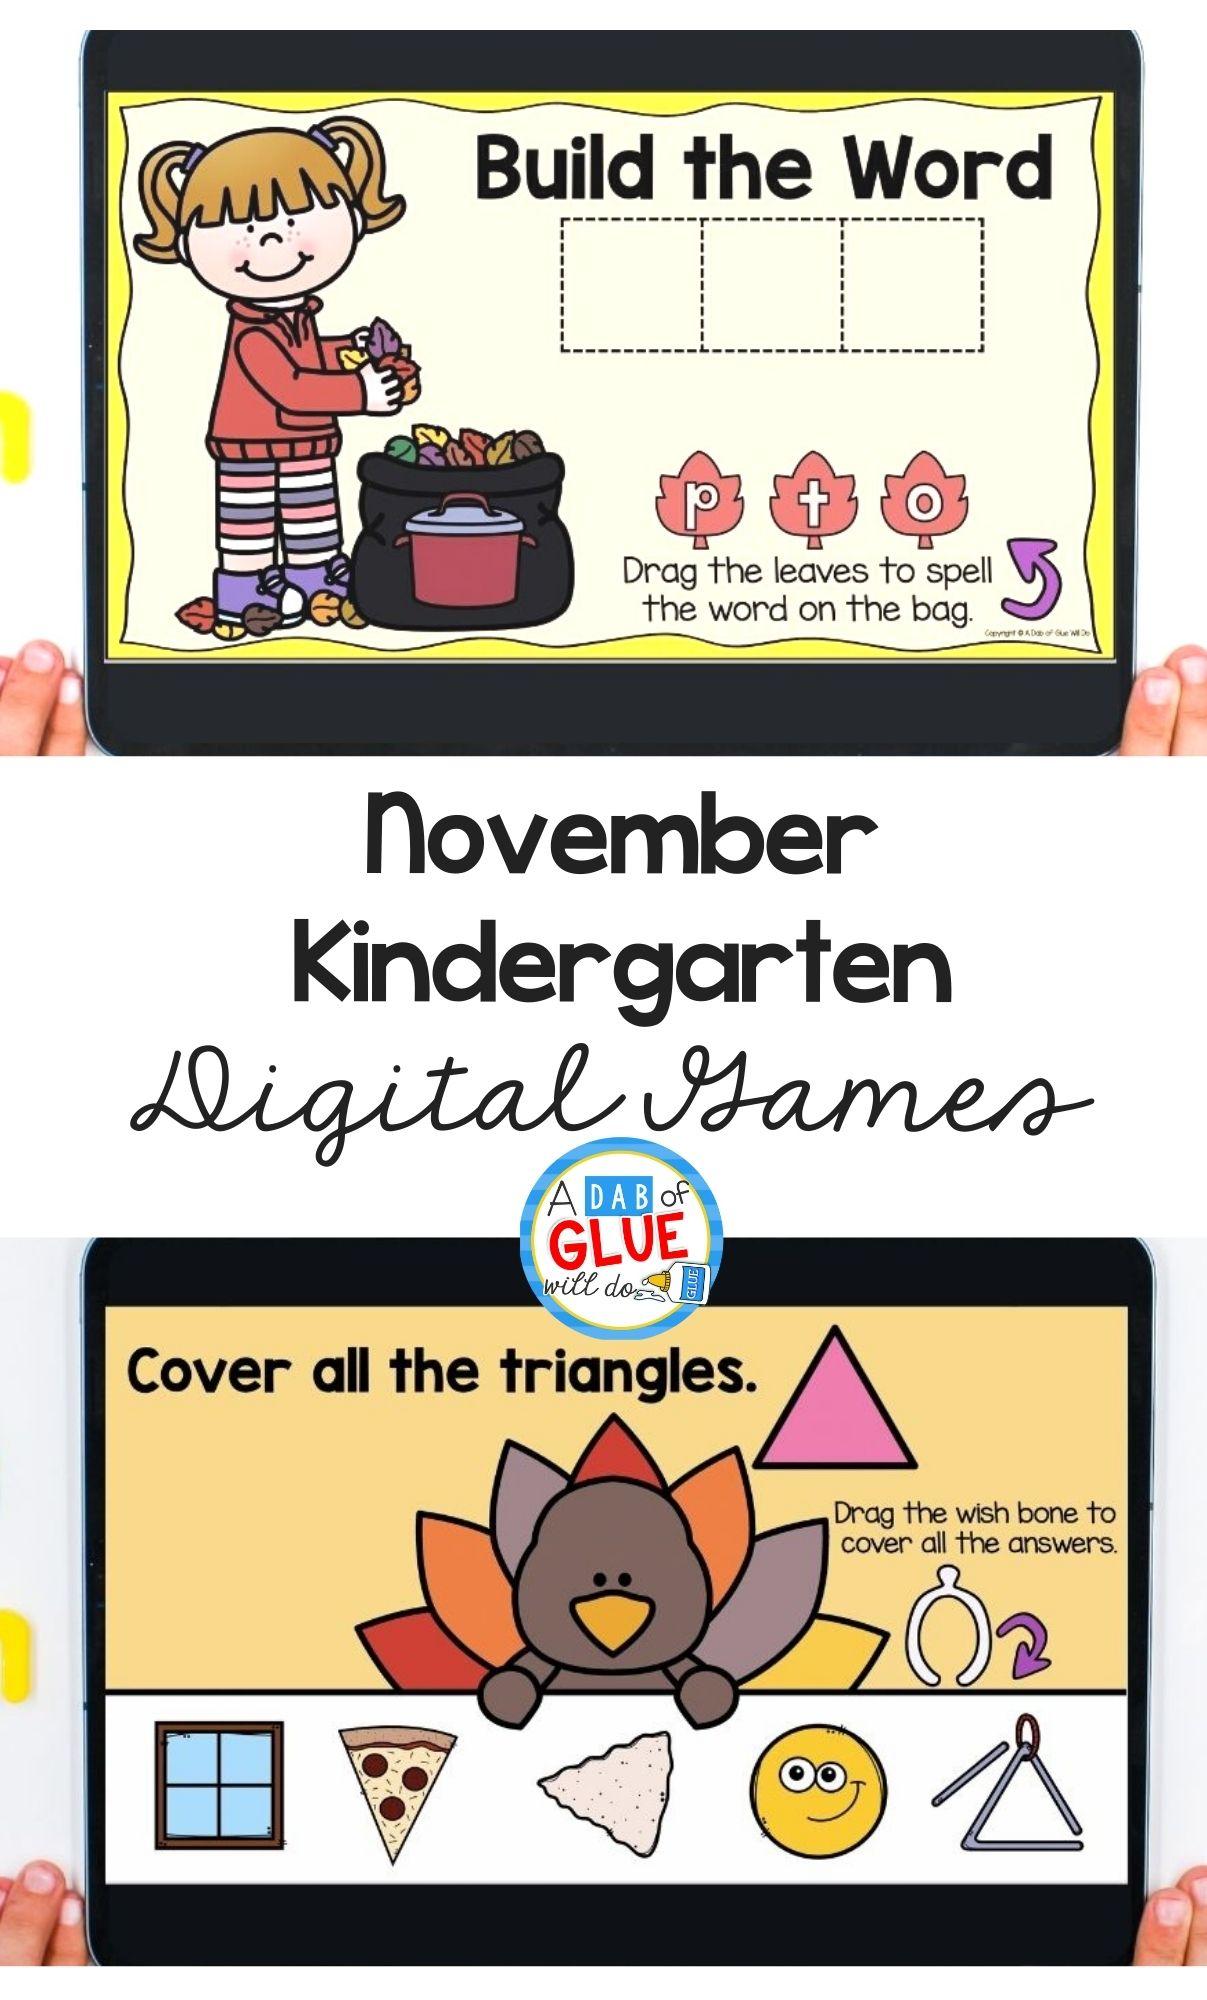 November Digital Games for Kindergarten